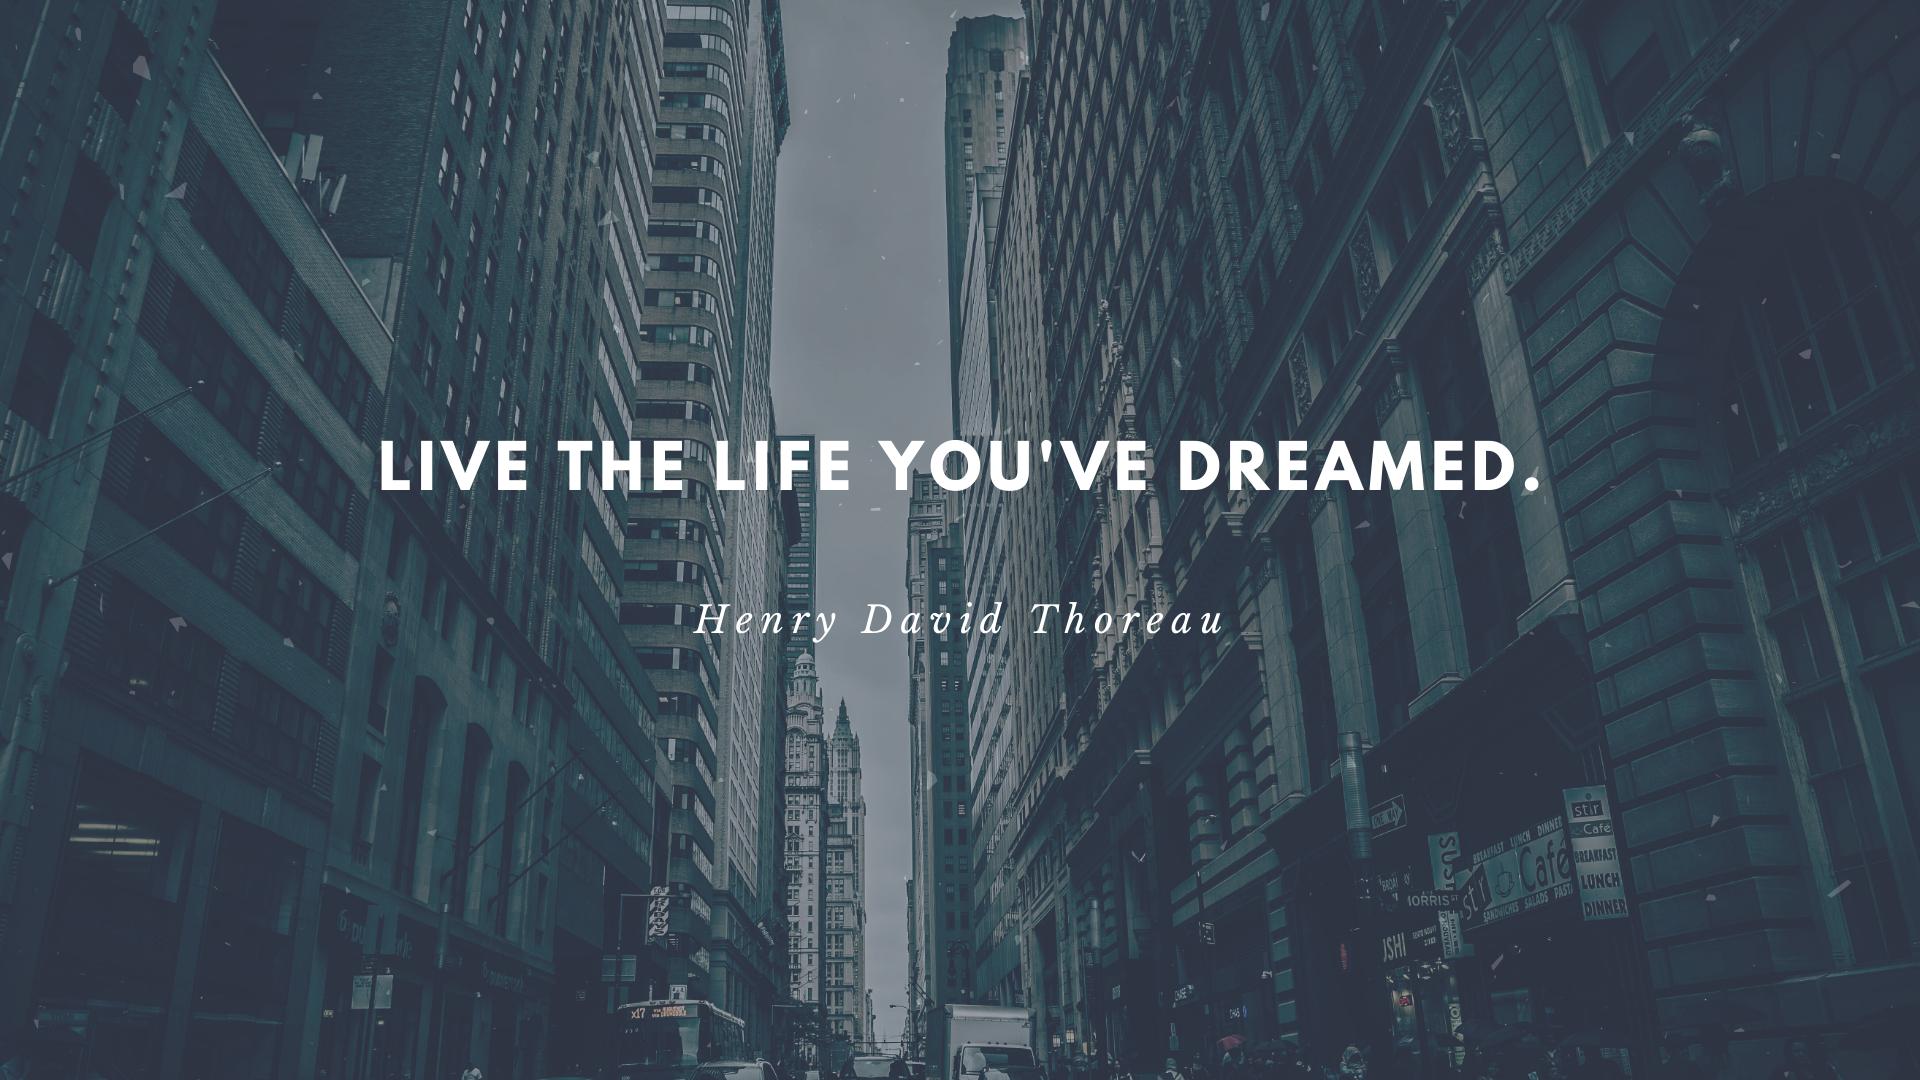 Best Quotes Desktop Wallpapers Motivational Wallpaper Motivation Inspirational Desktop Wallpaper